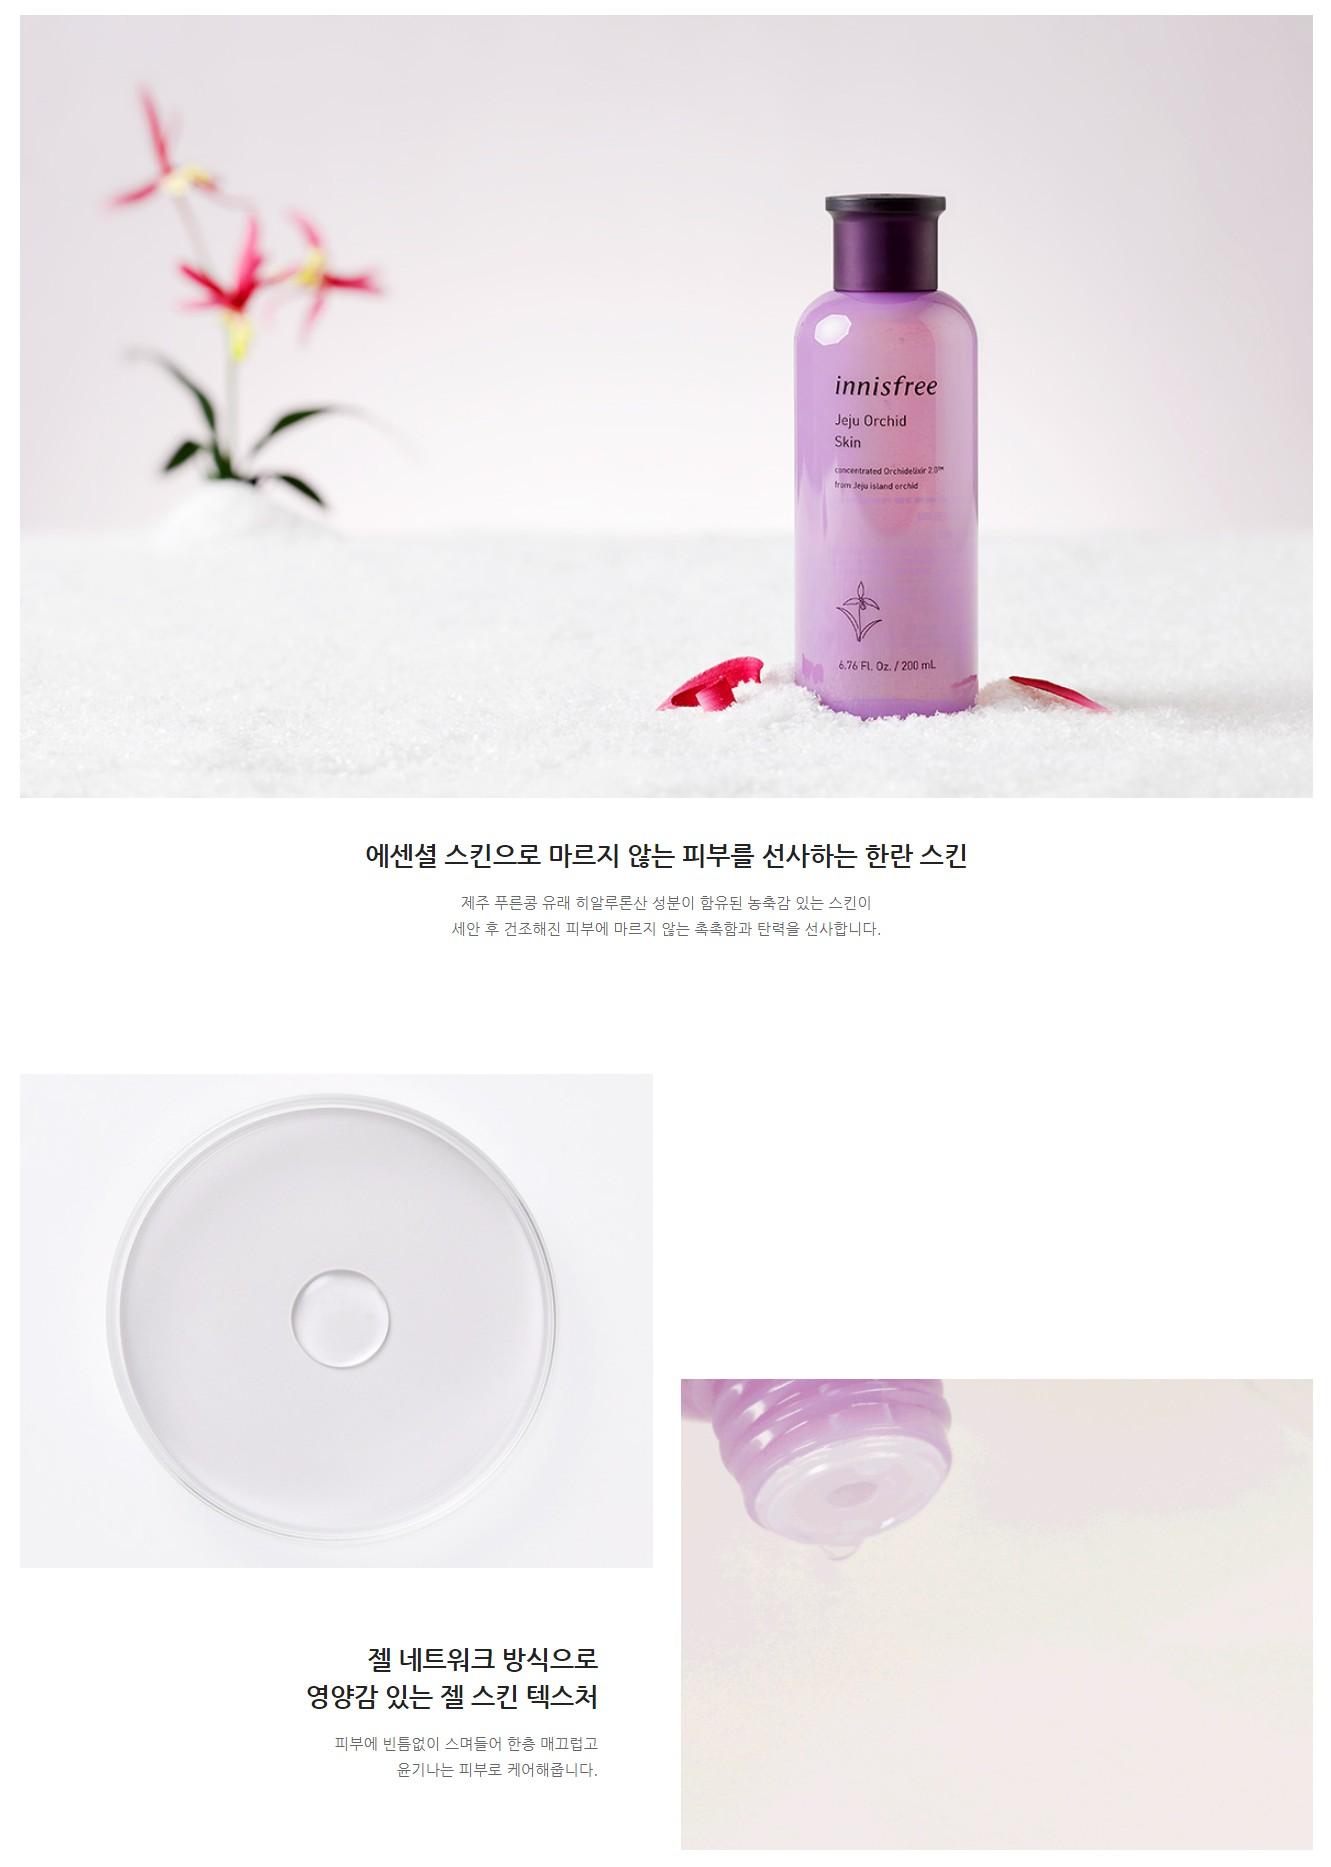 Innisfree Jeju Orchid Skin